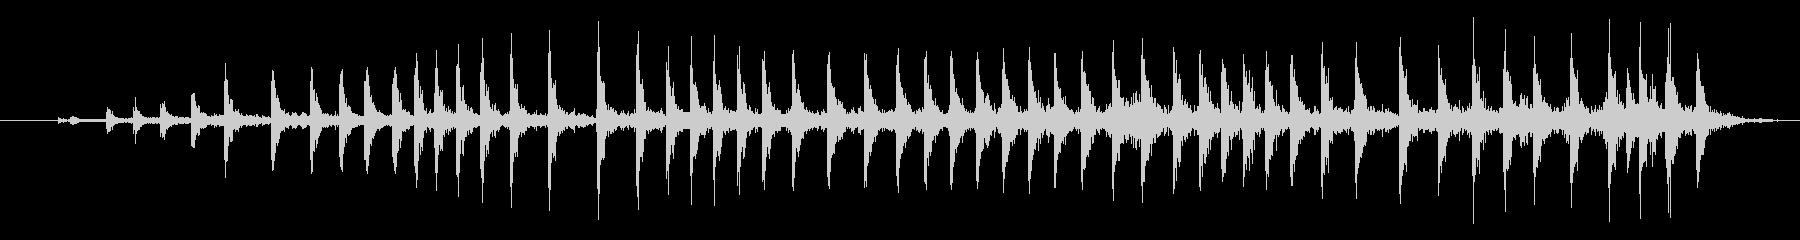 中程度のウッドプレッシャークリークの未再生の波形